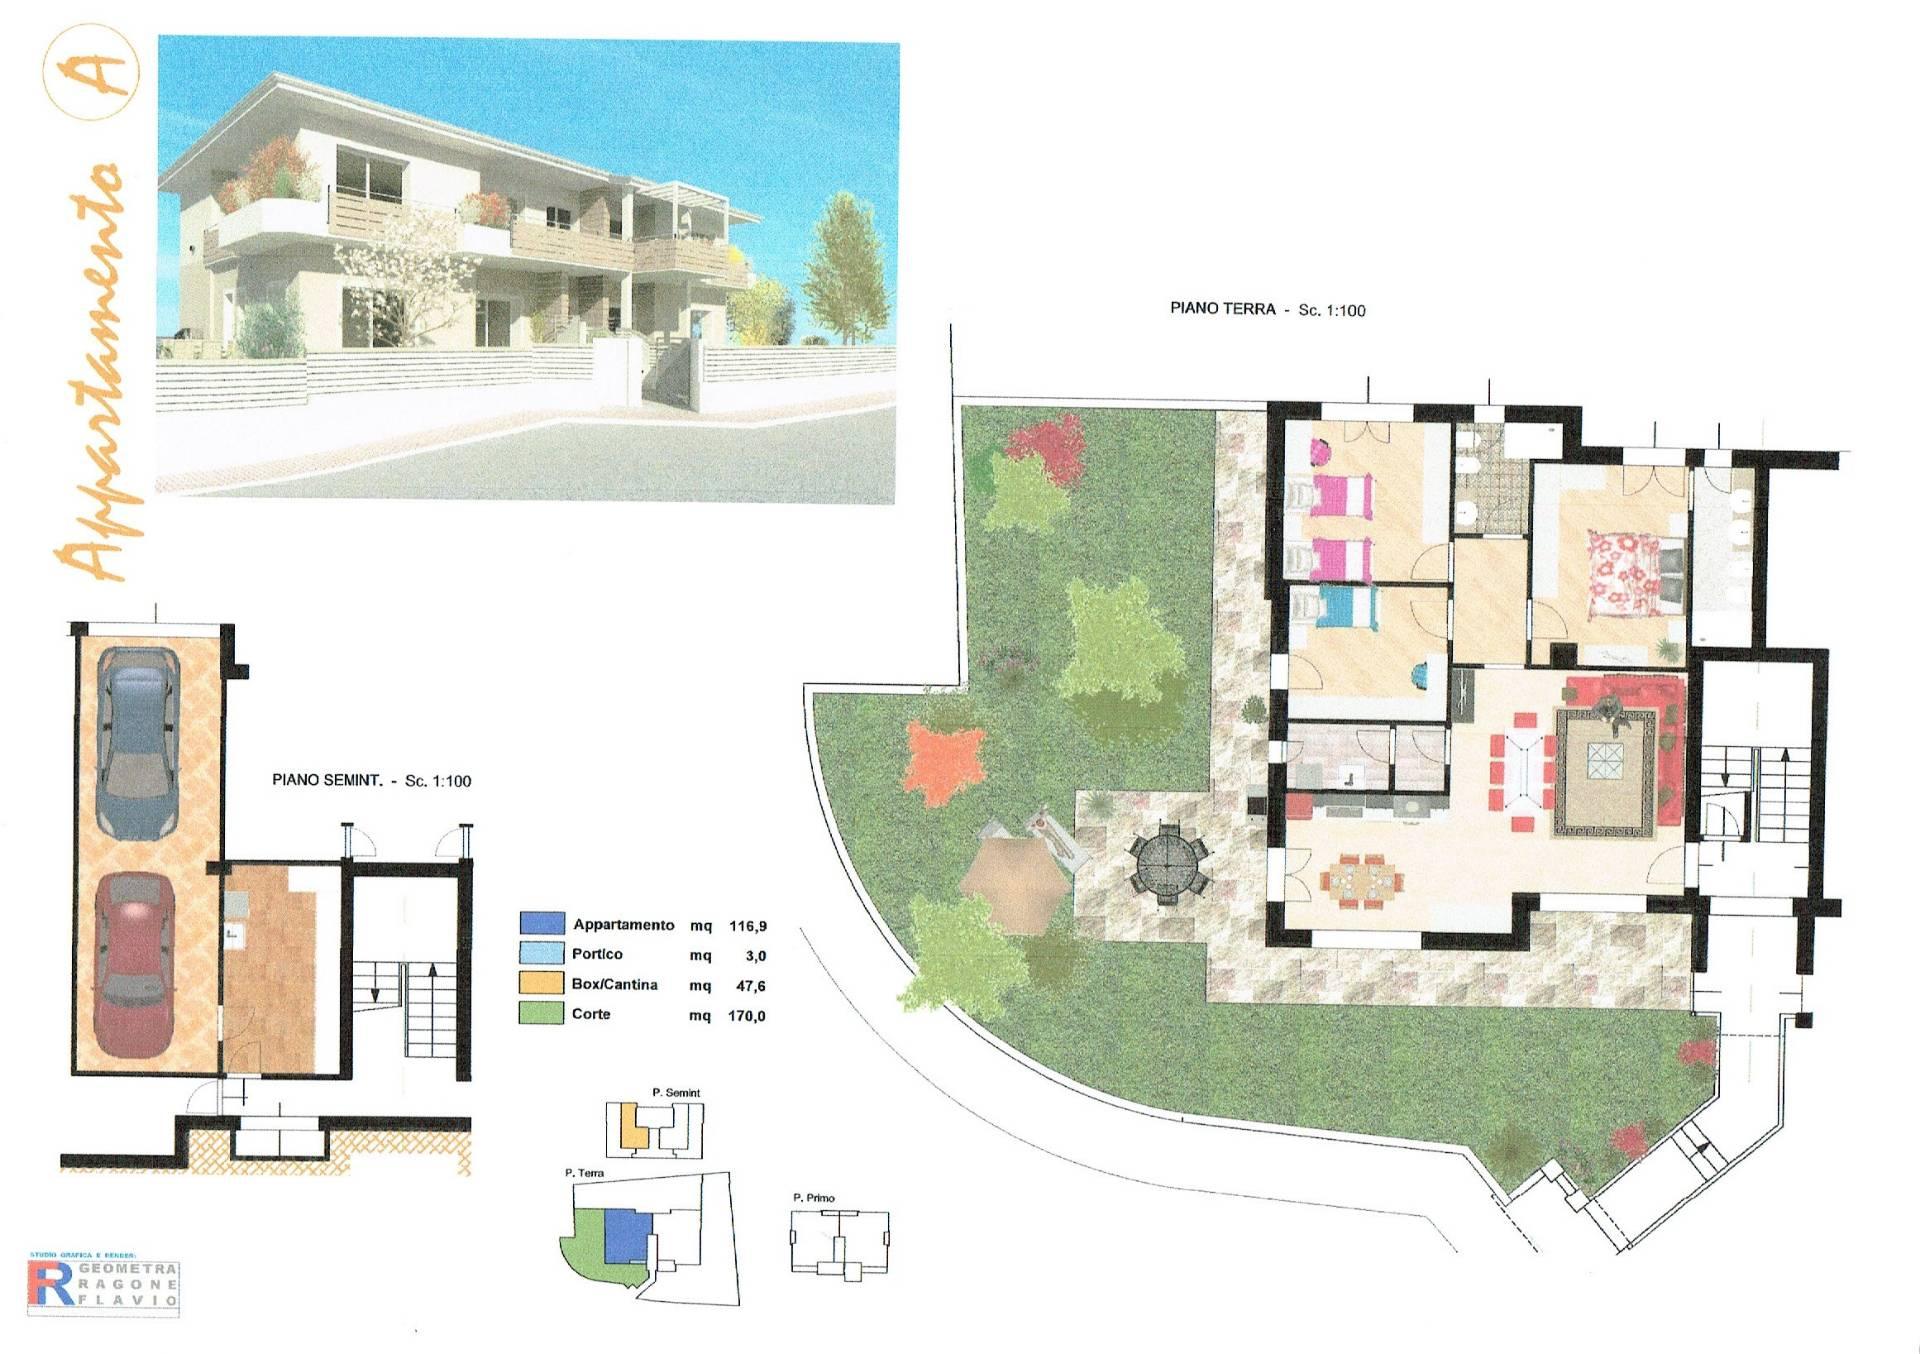 Appartamento in vendita a Villa Carcina, 4 locali, zona Zona: Cailina, prezzo € 255.000 | CambioCasa.it